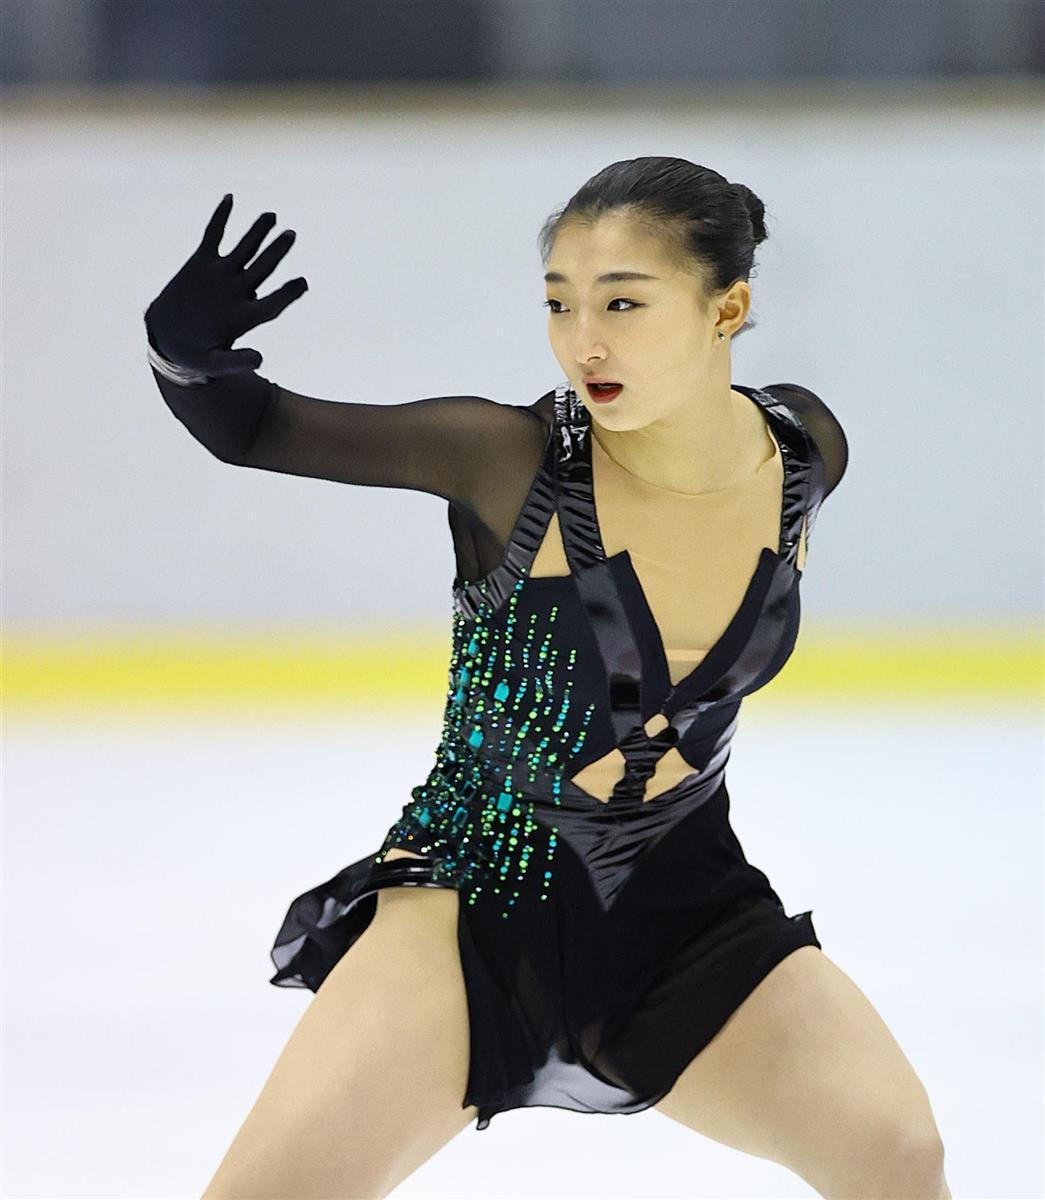 スケート 国体 フィギュア